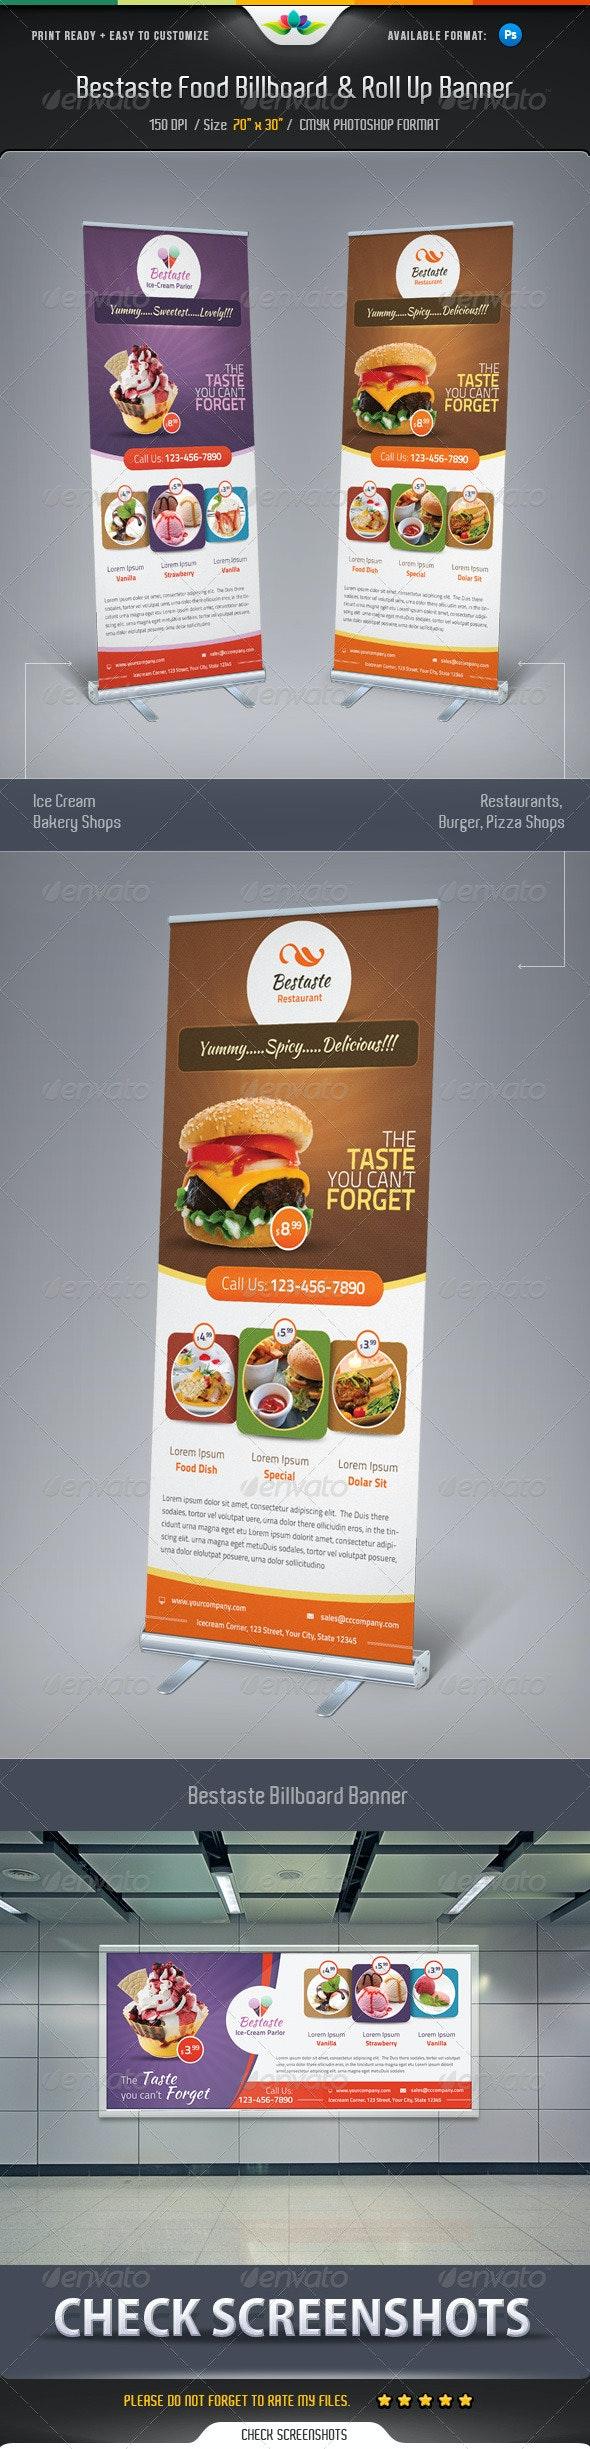 Bestaste Food Billboard & Roll Up Banner - Signage Print Templates